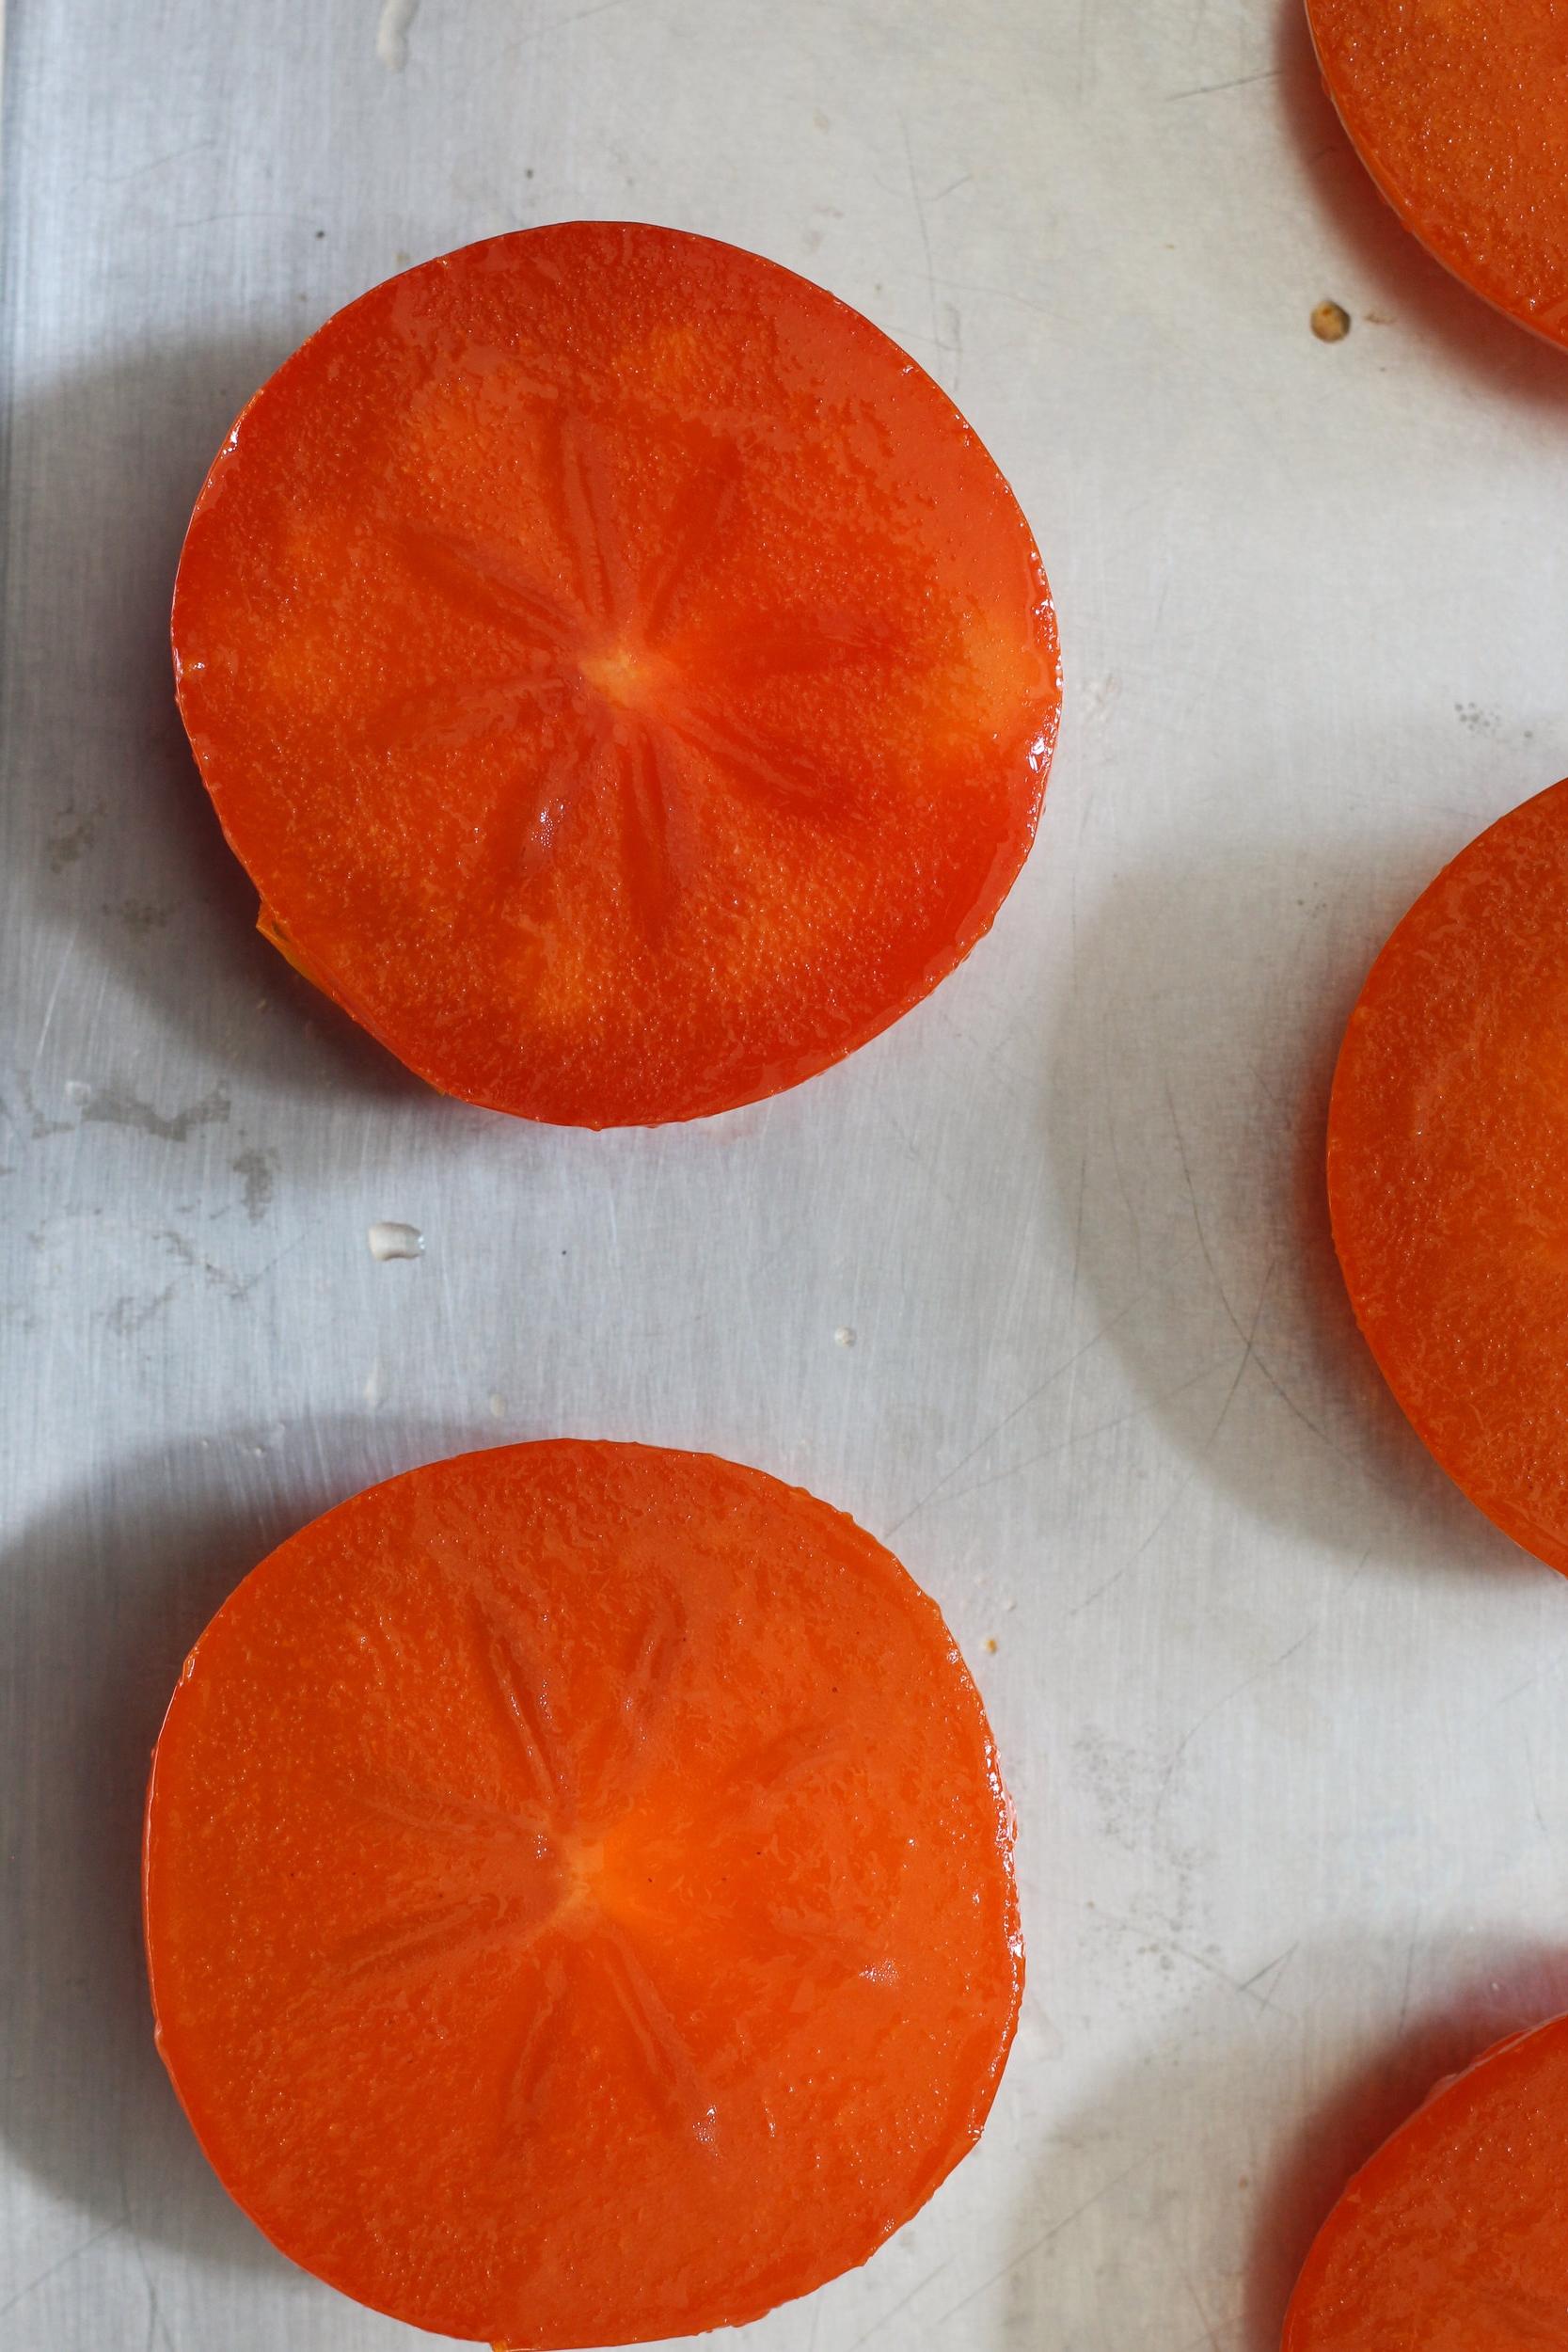 Slow Roast Persimmon Sundae